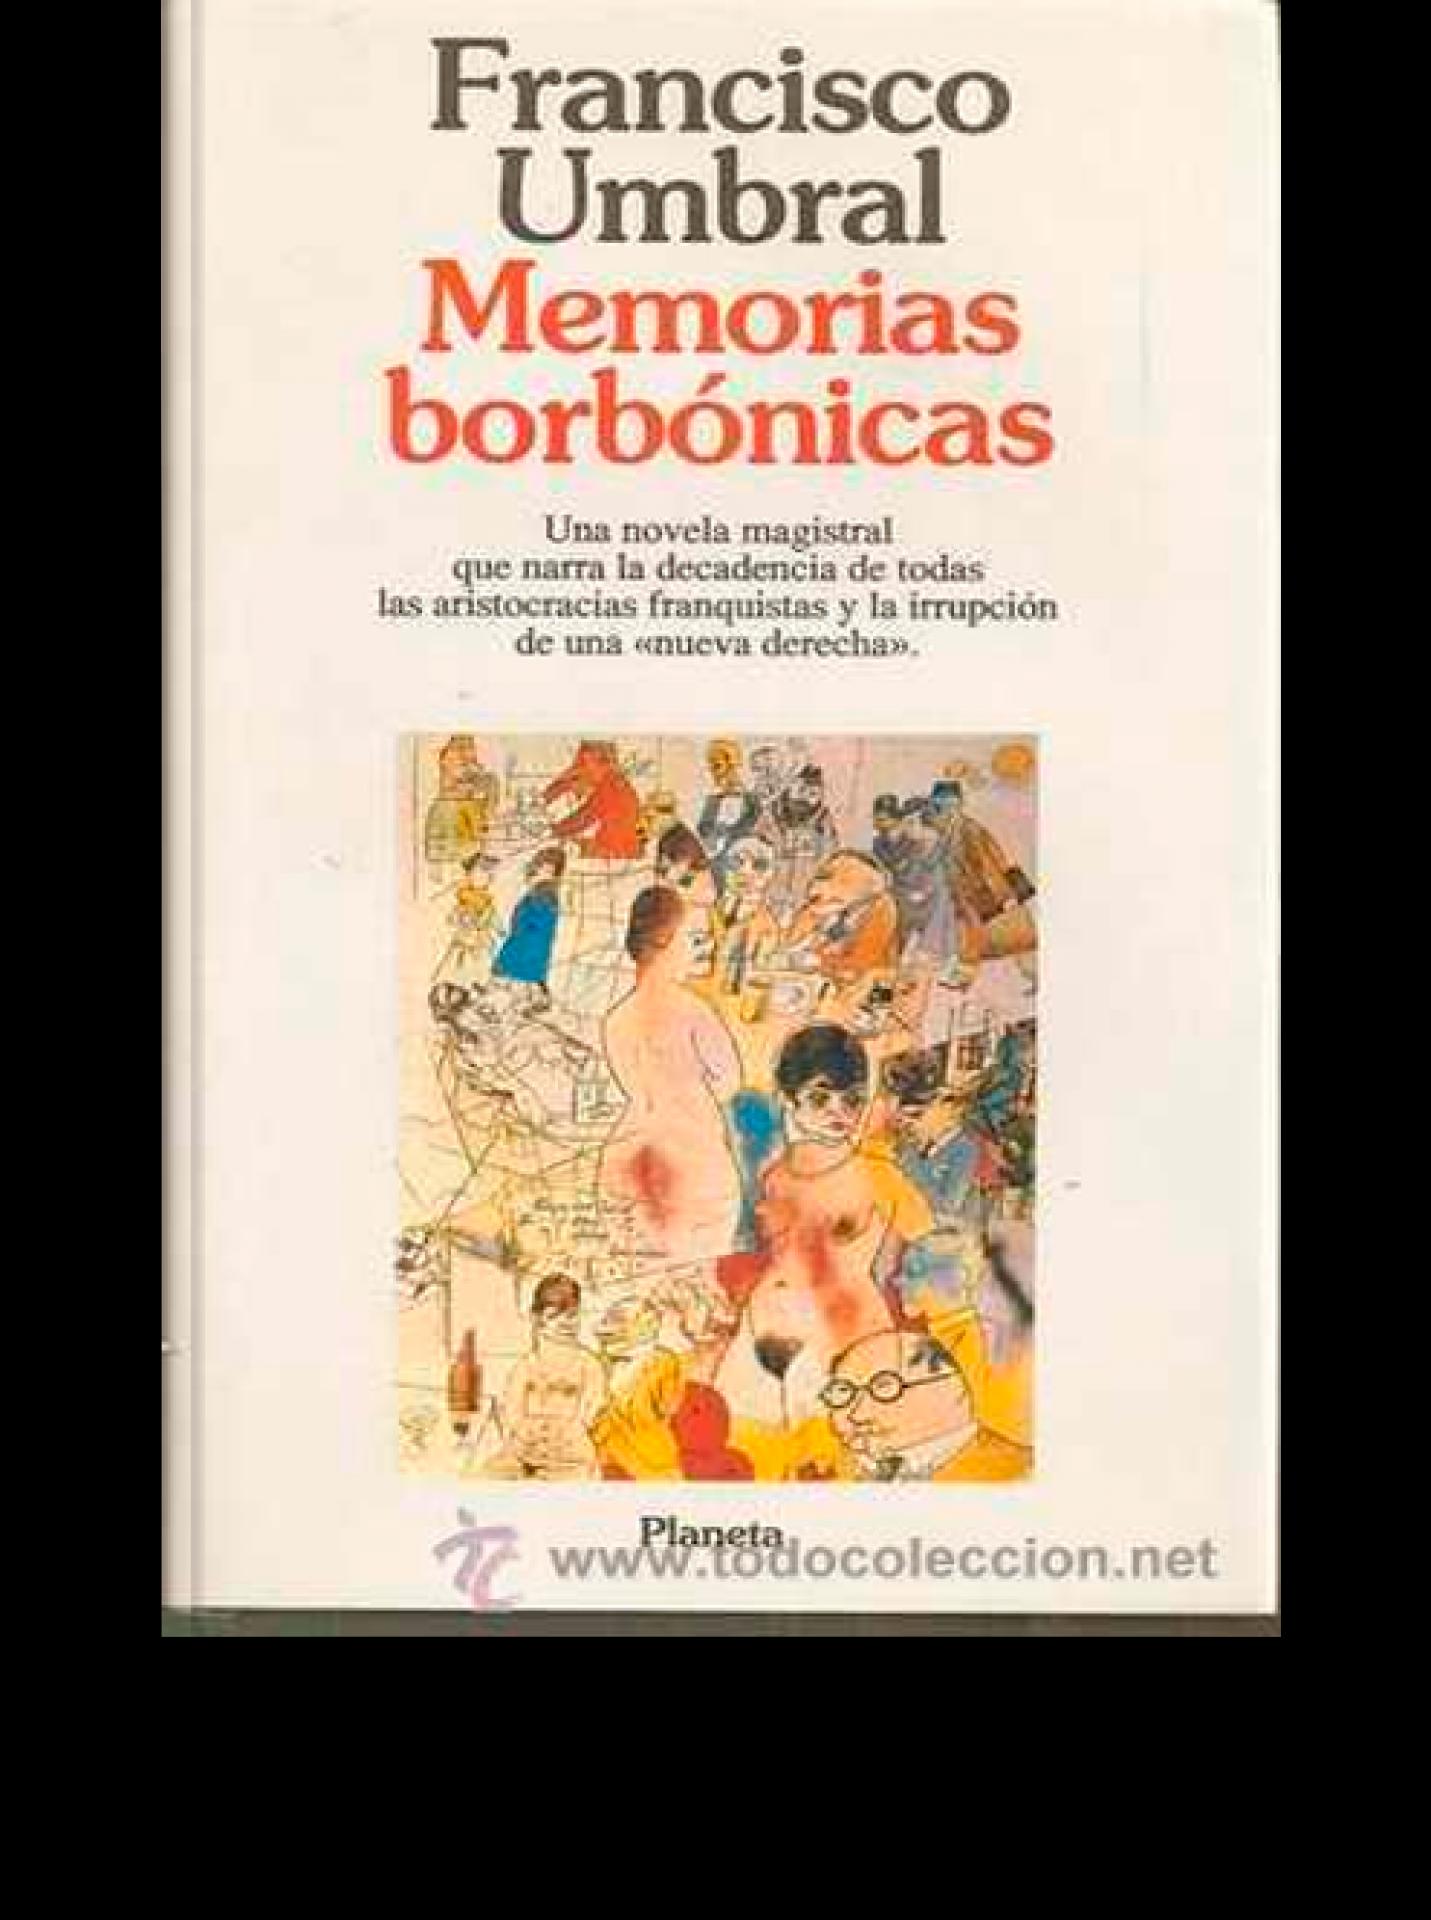 Memorias borbónicas